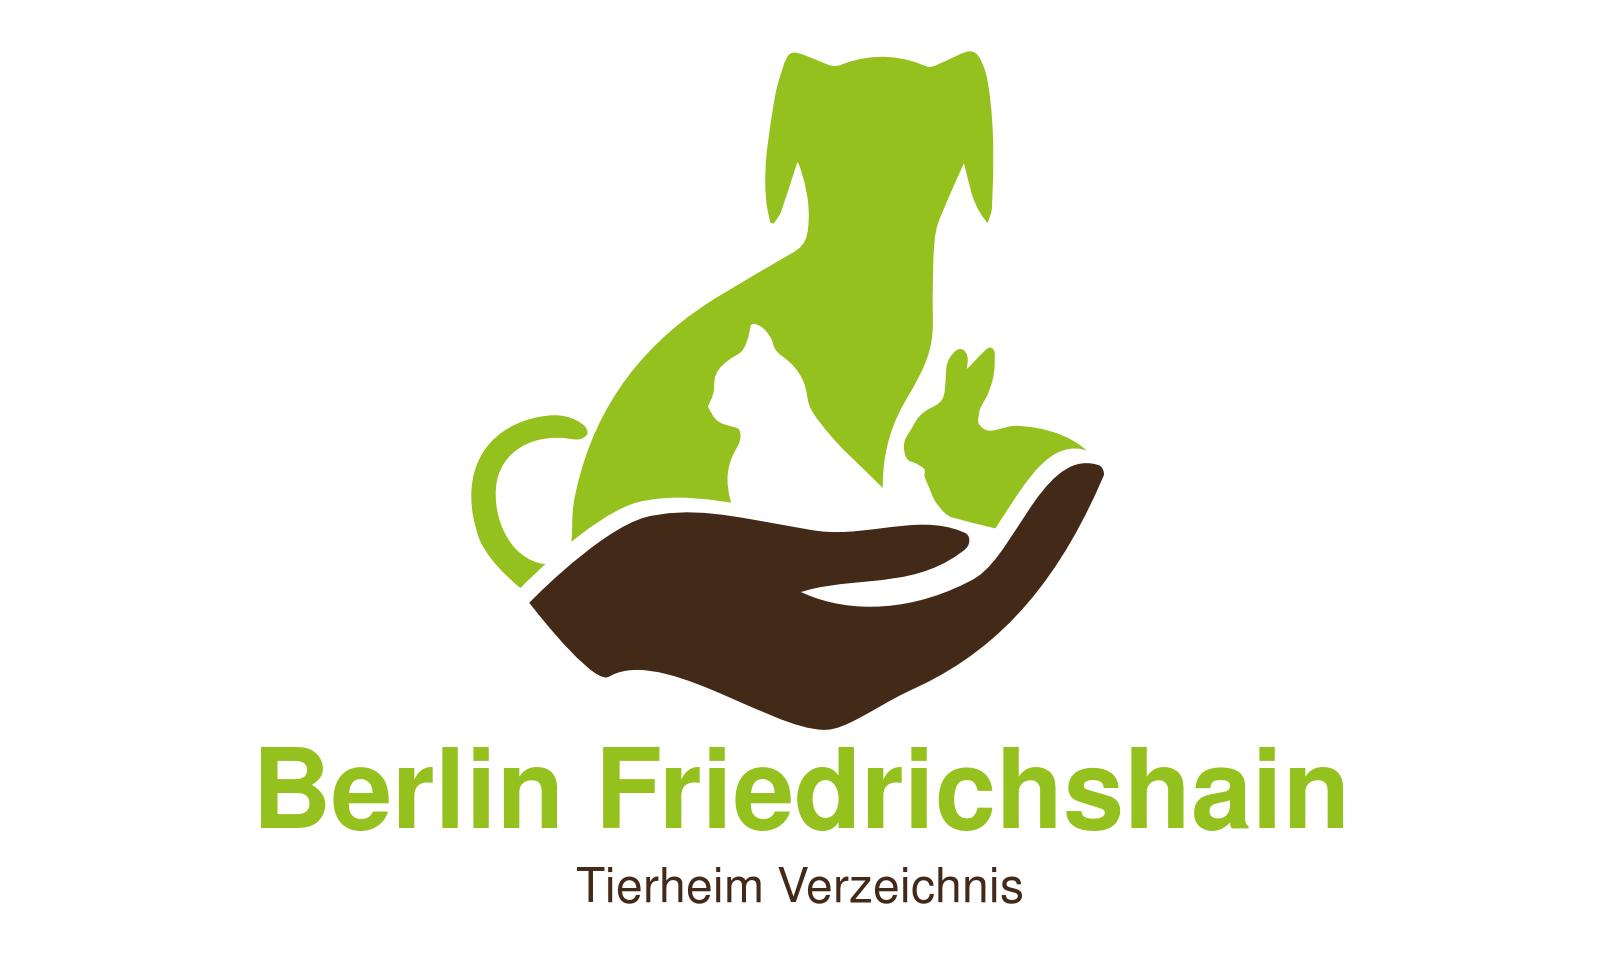 Tierheim Berlin Friedrichshain